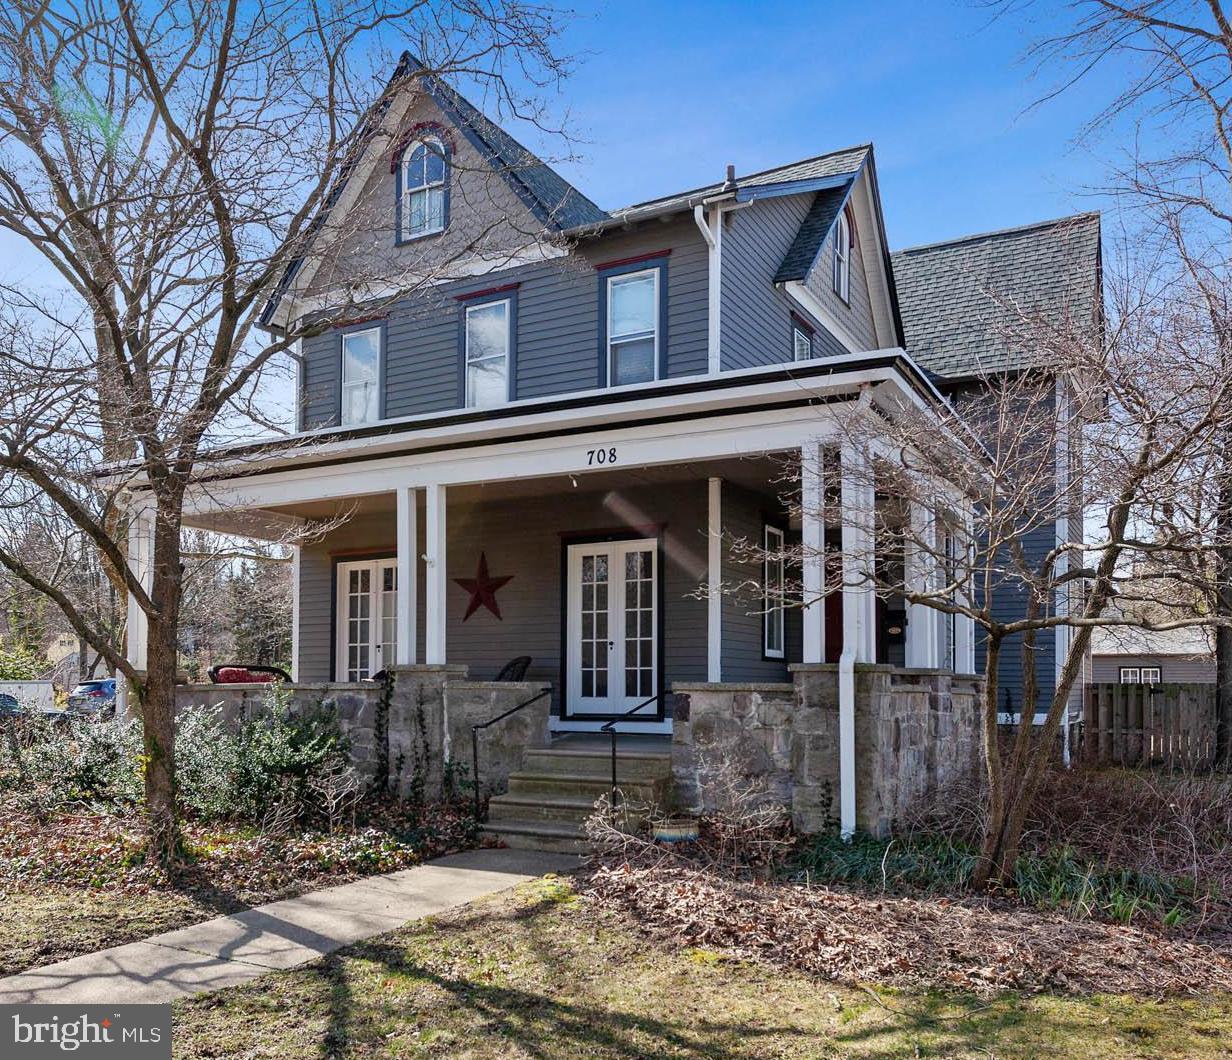 Частный односемейный дом для того Продажа на 708 MAIN Street Riverton, Нью-Джерси 08077 Соединенные Штаты